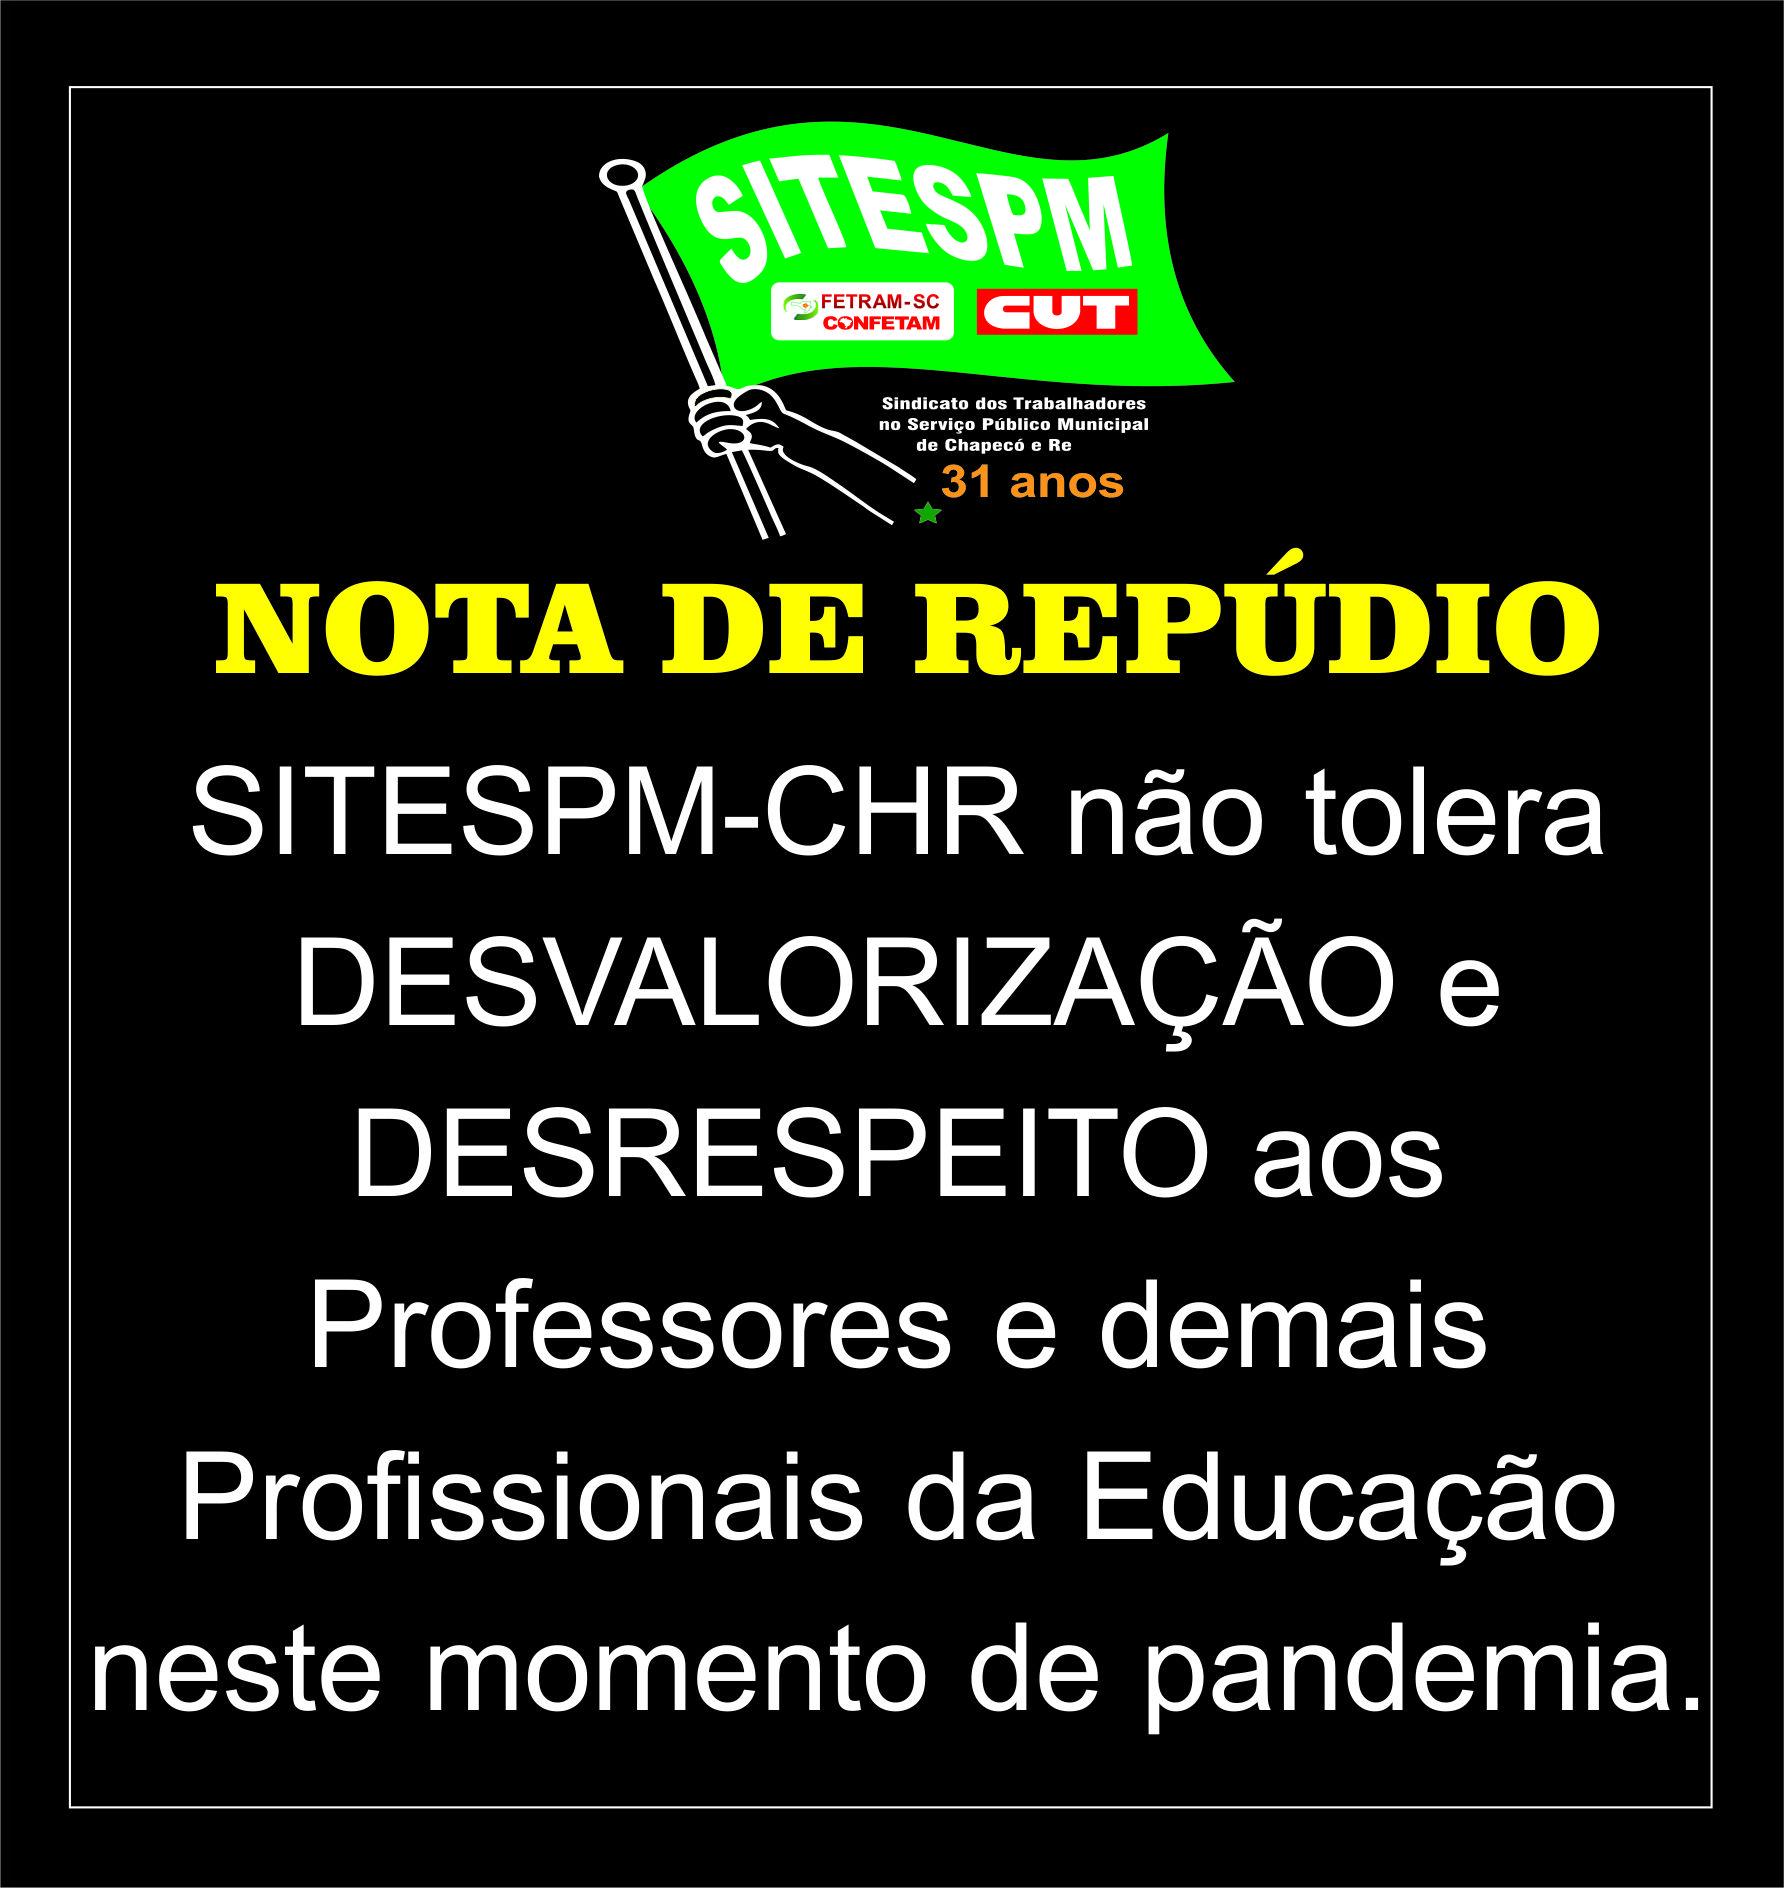 NOTA DE REPÚDIO SITESPM-CHR não tolera DESVALORIZAÇÃO e DESRESPEITO aos  Professores e demais  Profissionais da Educação  neste momento de pandemia.